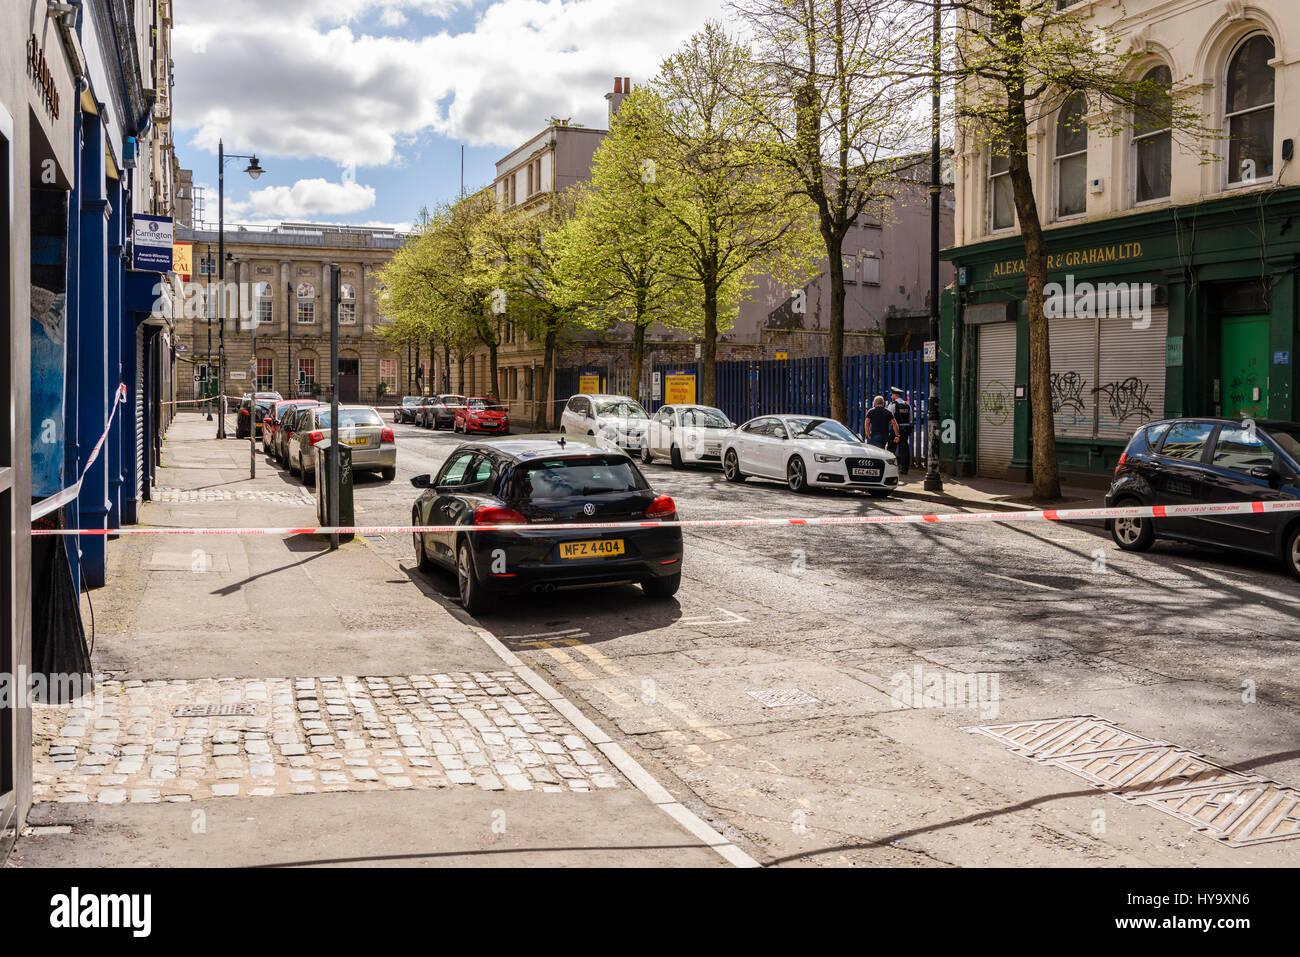 Belfast, Irlanda del Nord. 02 apr 2017 - Lancio di polizia omicidio di inchiesta dopo l'uomo muore dopo assalto Immagini Stock